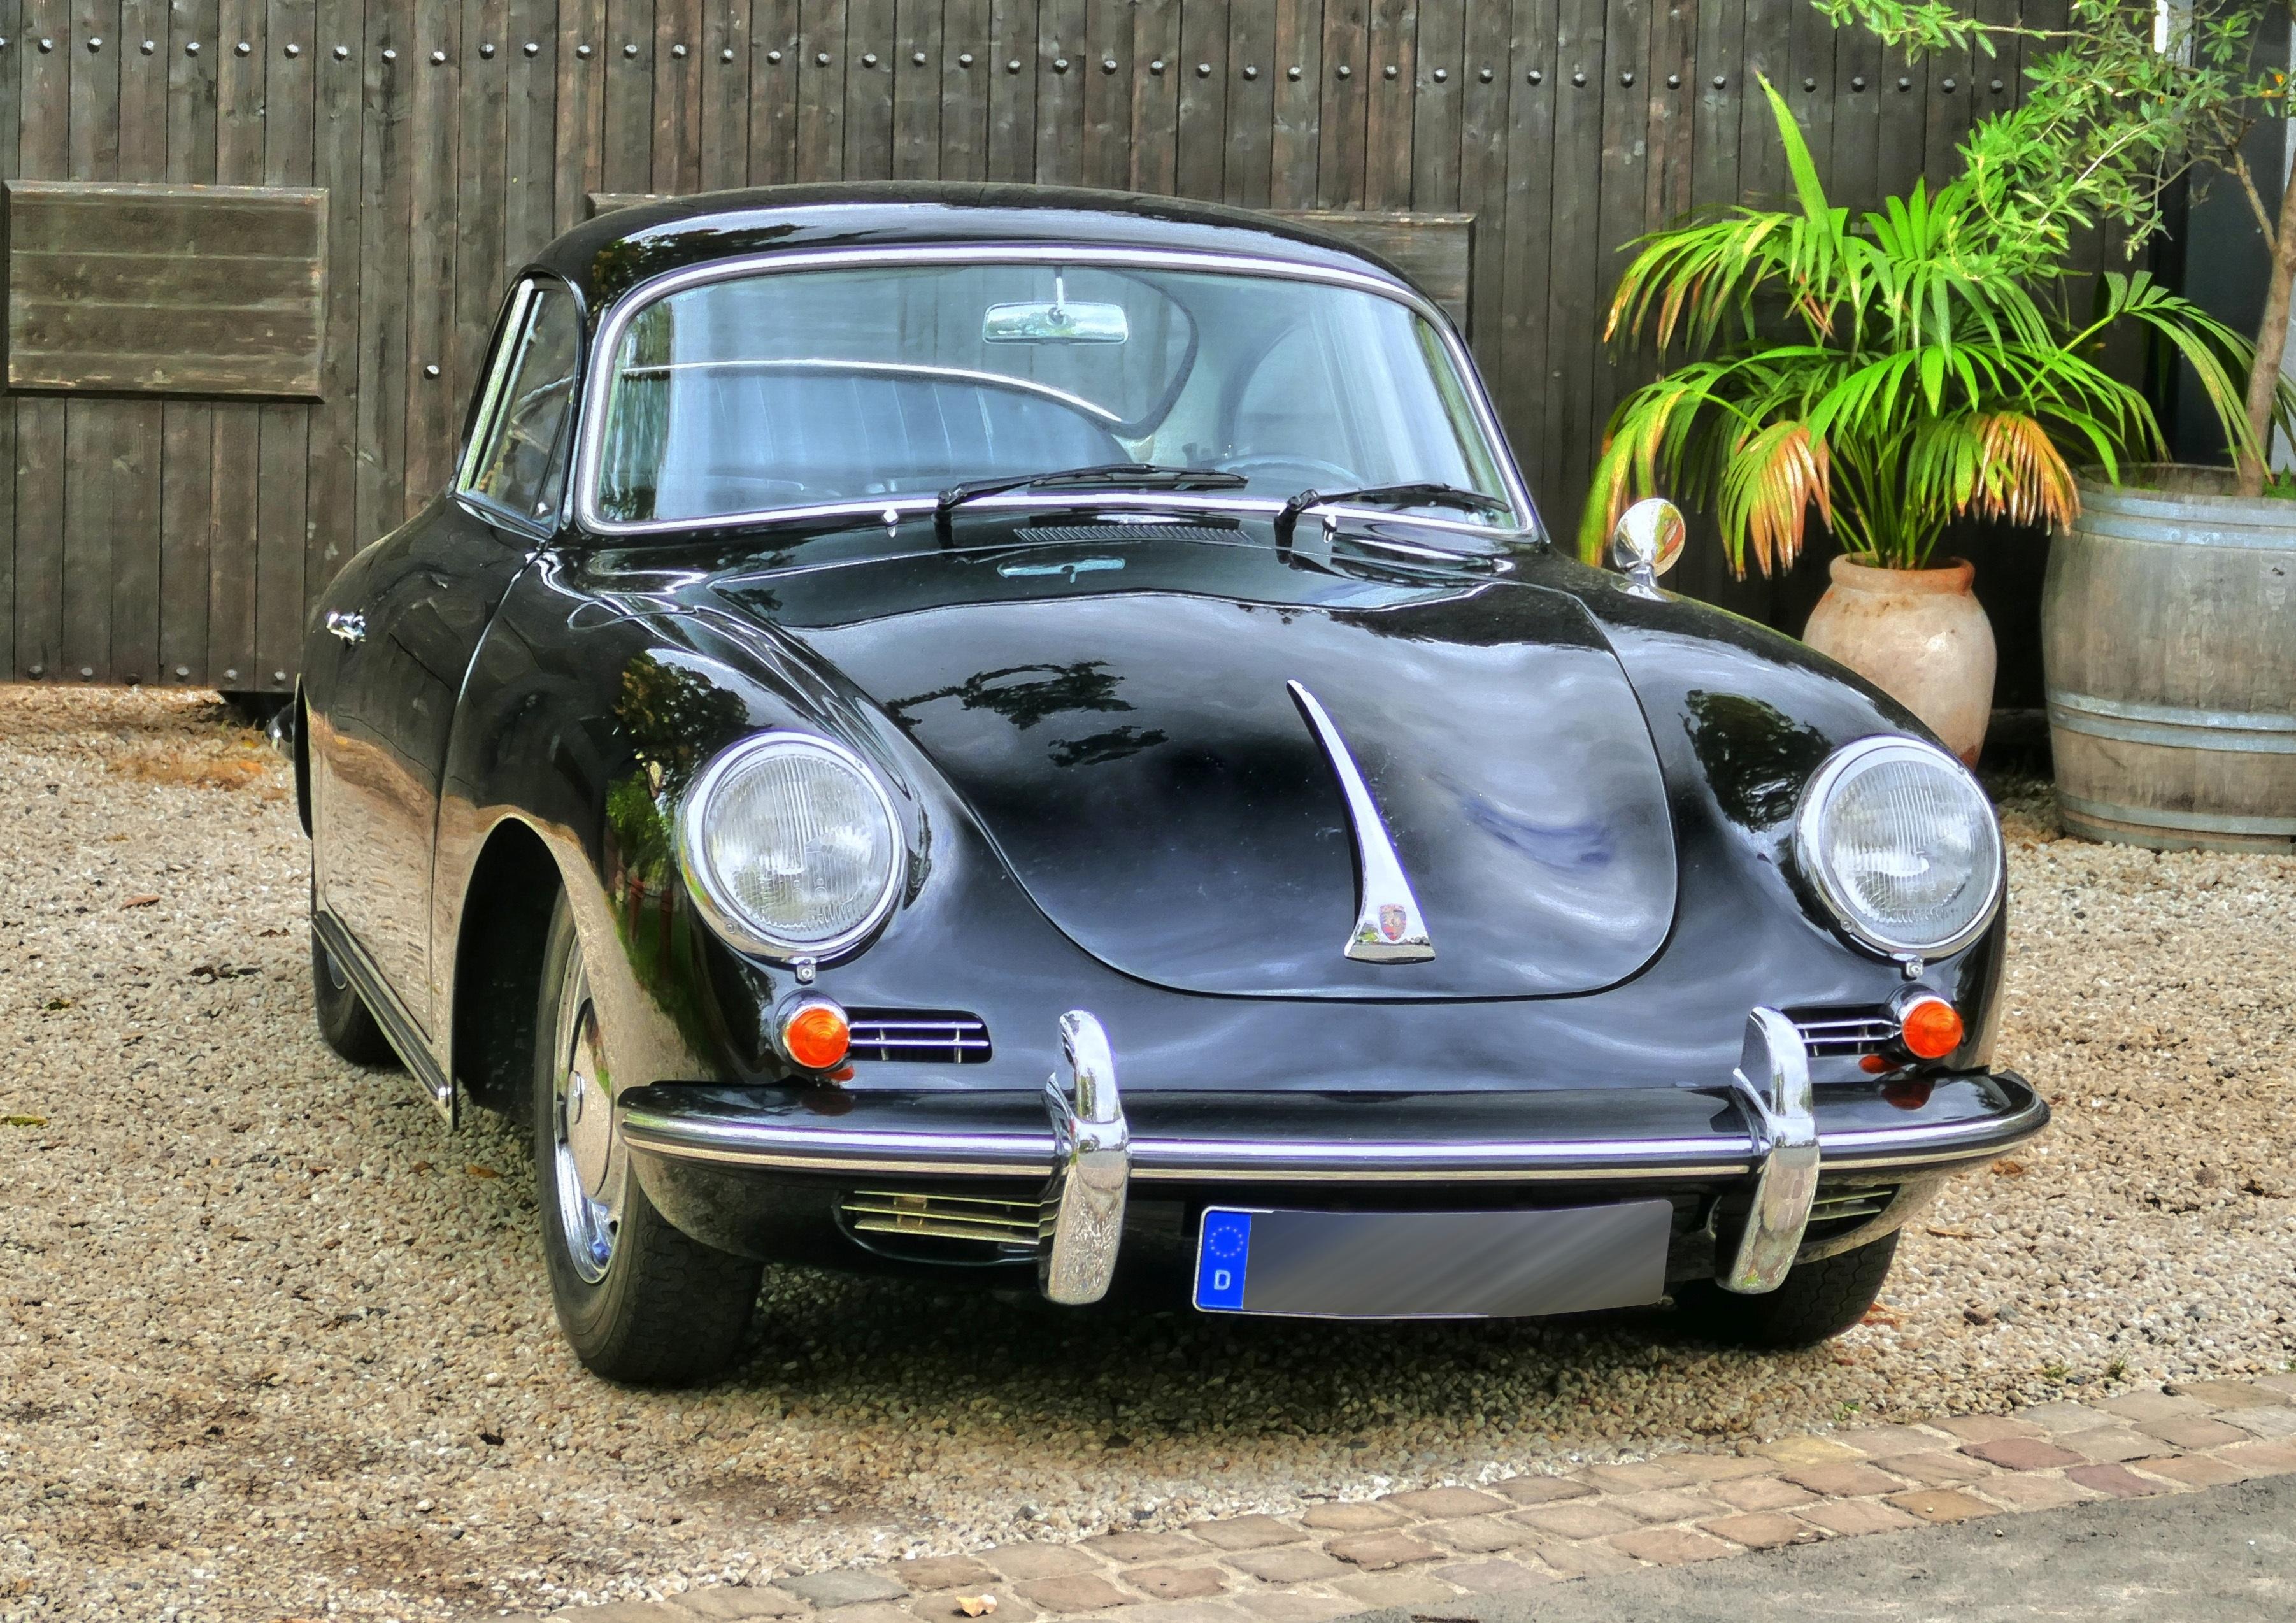 convertible voiture ancienne fliter voiture de ville objet de collection vhicule terrestre volkswagen beetle porsche 356 marque automobile - Porsche Ancienne